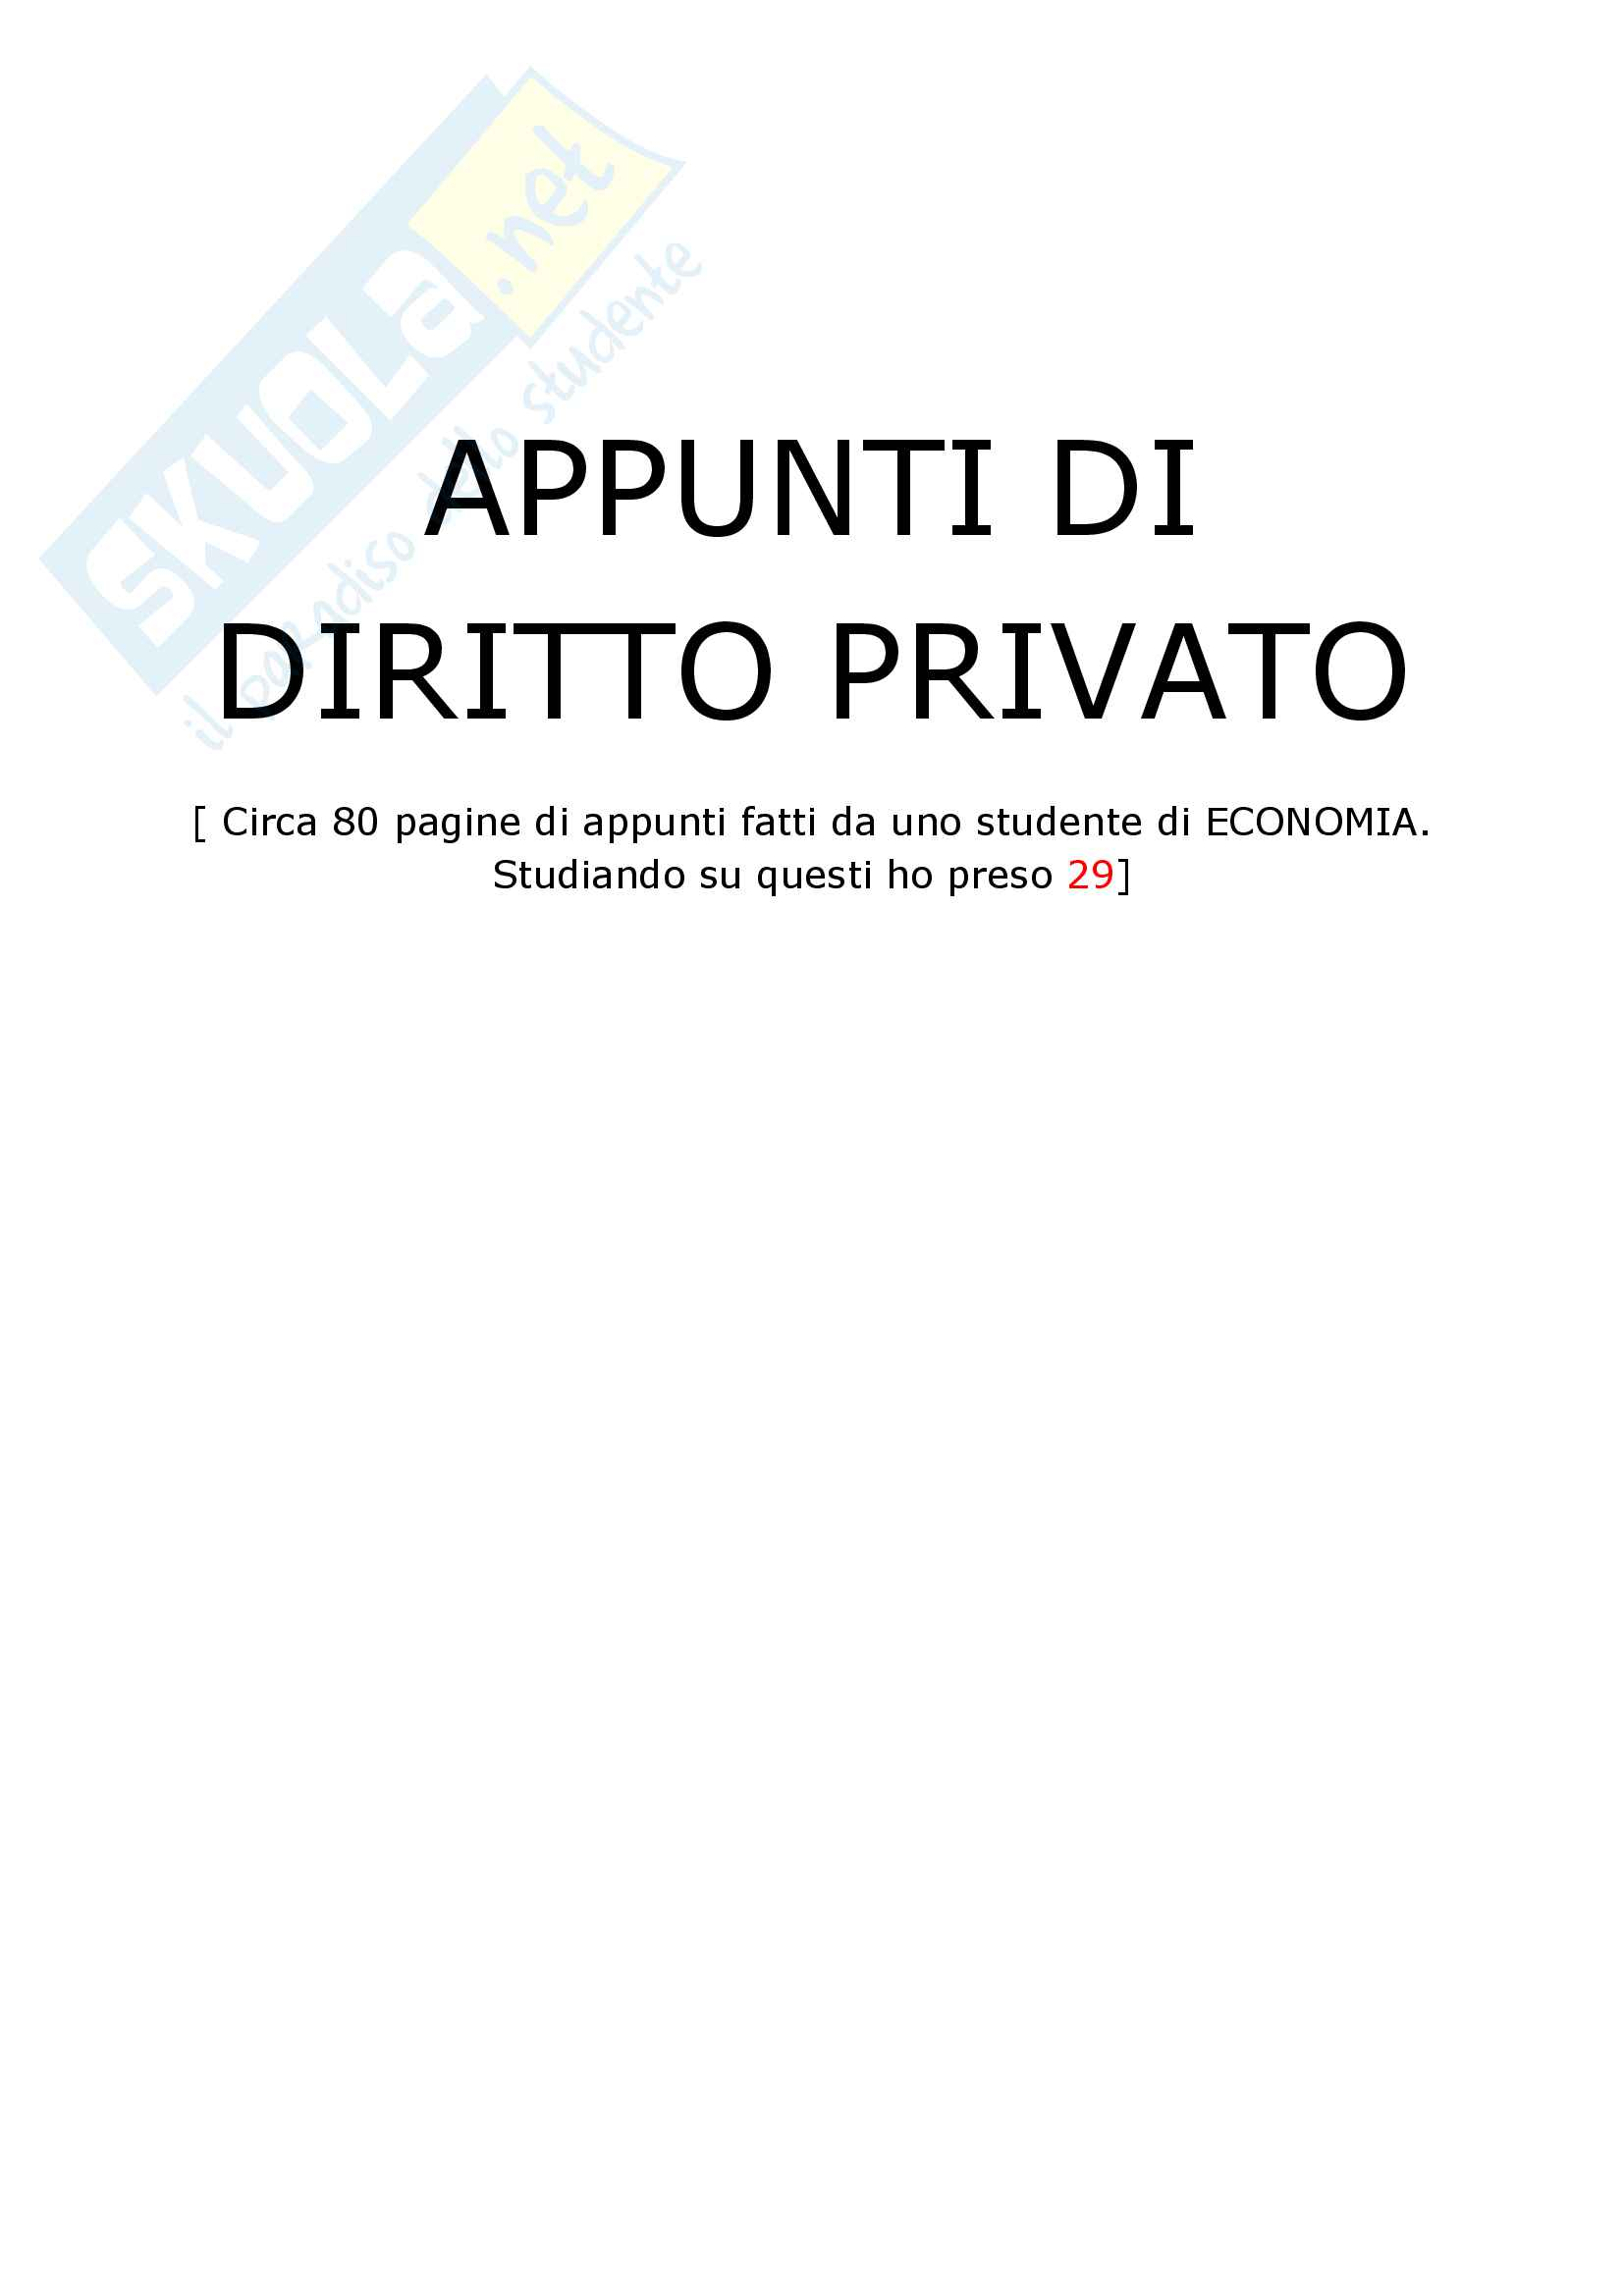 Riassunto Esame Diritto Privato, prof Mucciarelli, Vignudelli, Basenghi, Cotterli